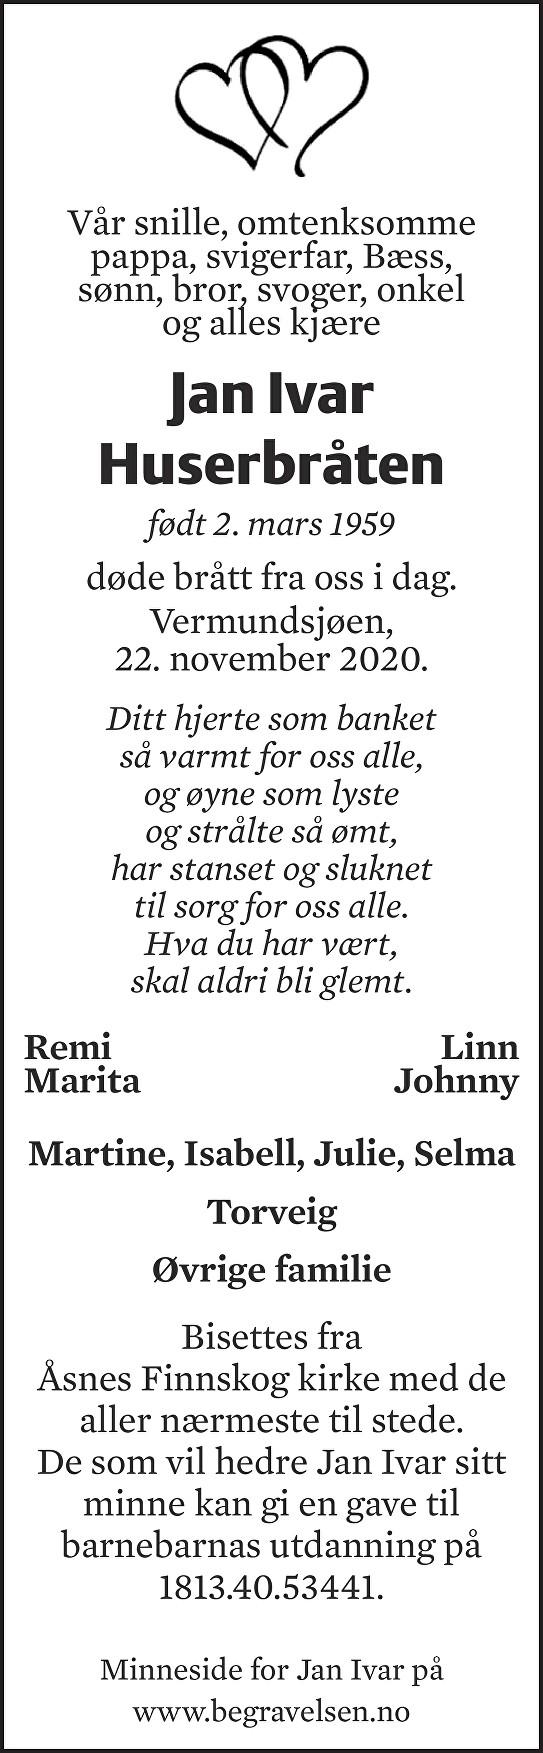 Jan Ivar Huserbråten Dødsannonse